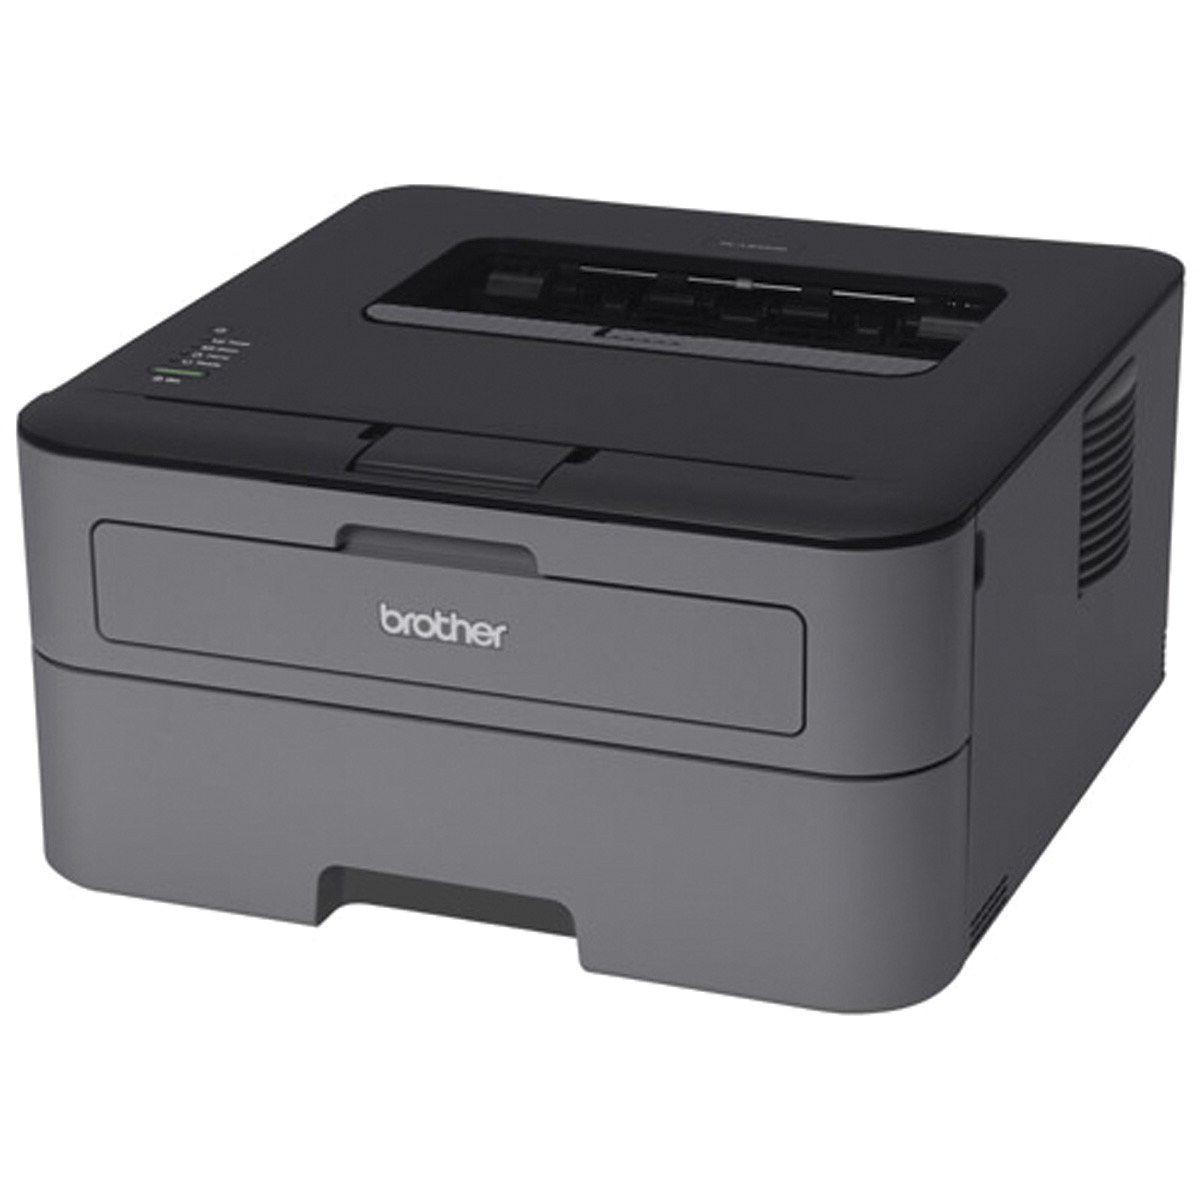 Brother Hl L2300d Laser Printer 27ppm Duplex Printing With Images Laser Printer Brother Printers Printer Driver